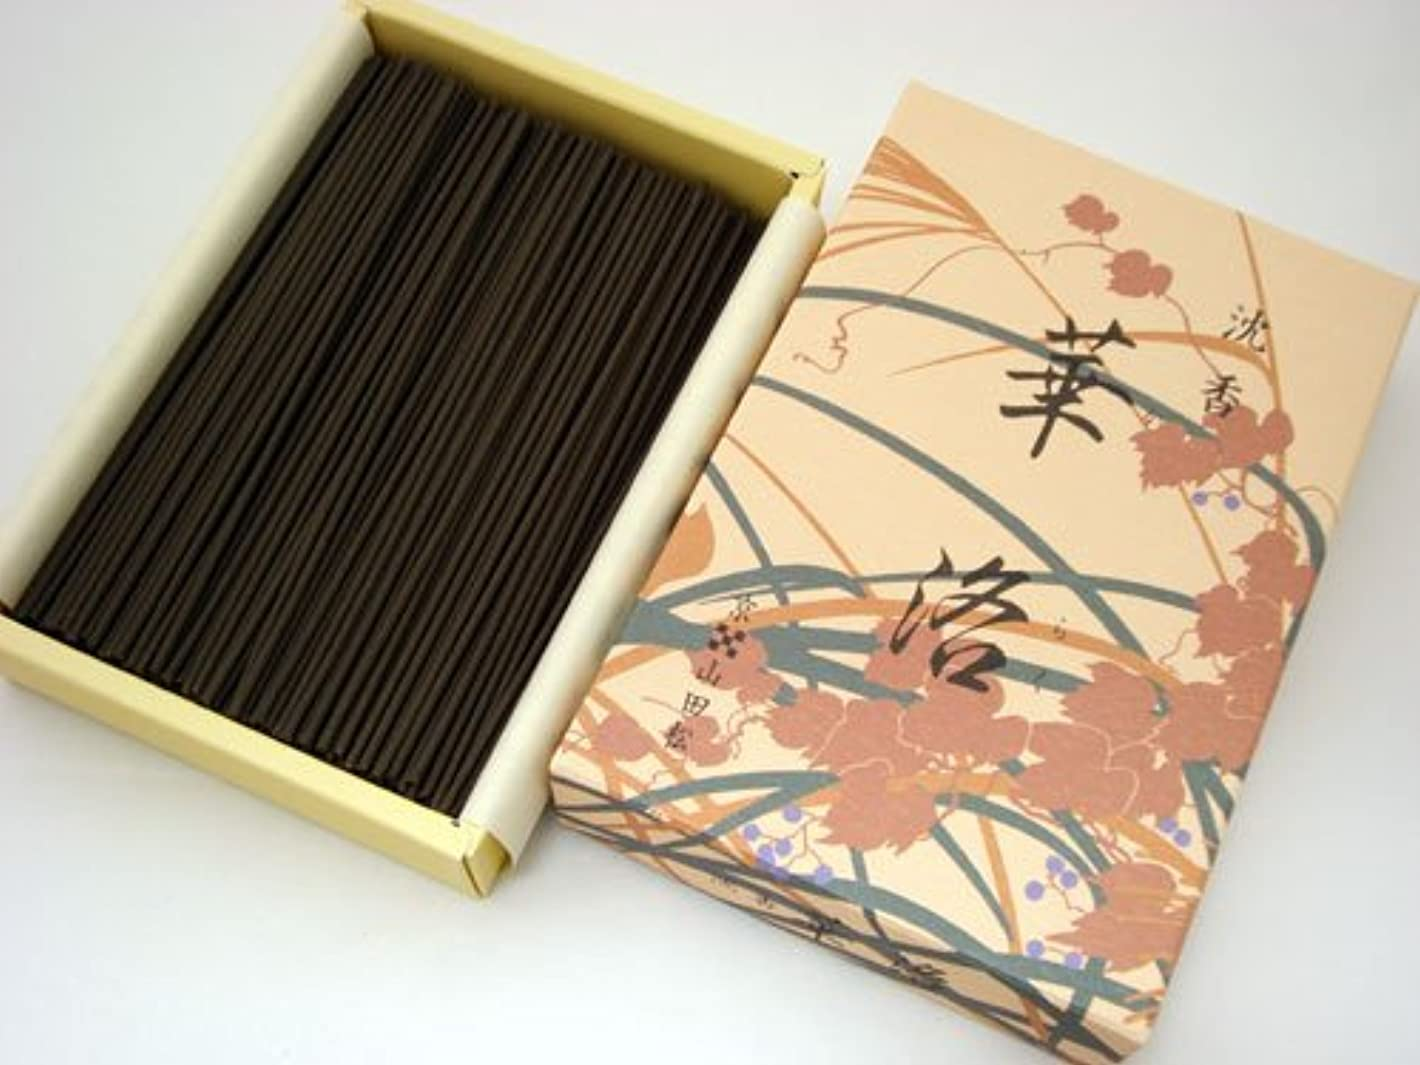 追う一流列挙する山田松の線香 【沈香 華洛(からく)】 バラ詰 大箱